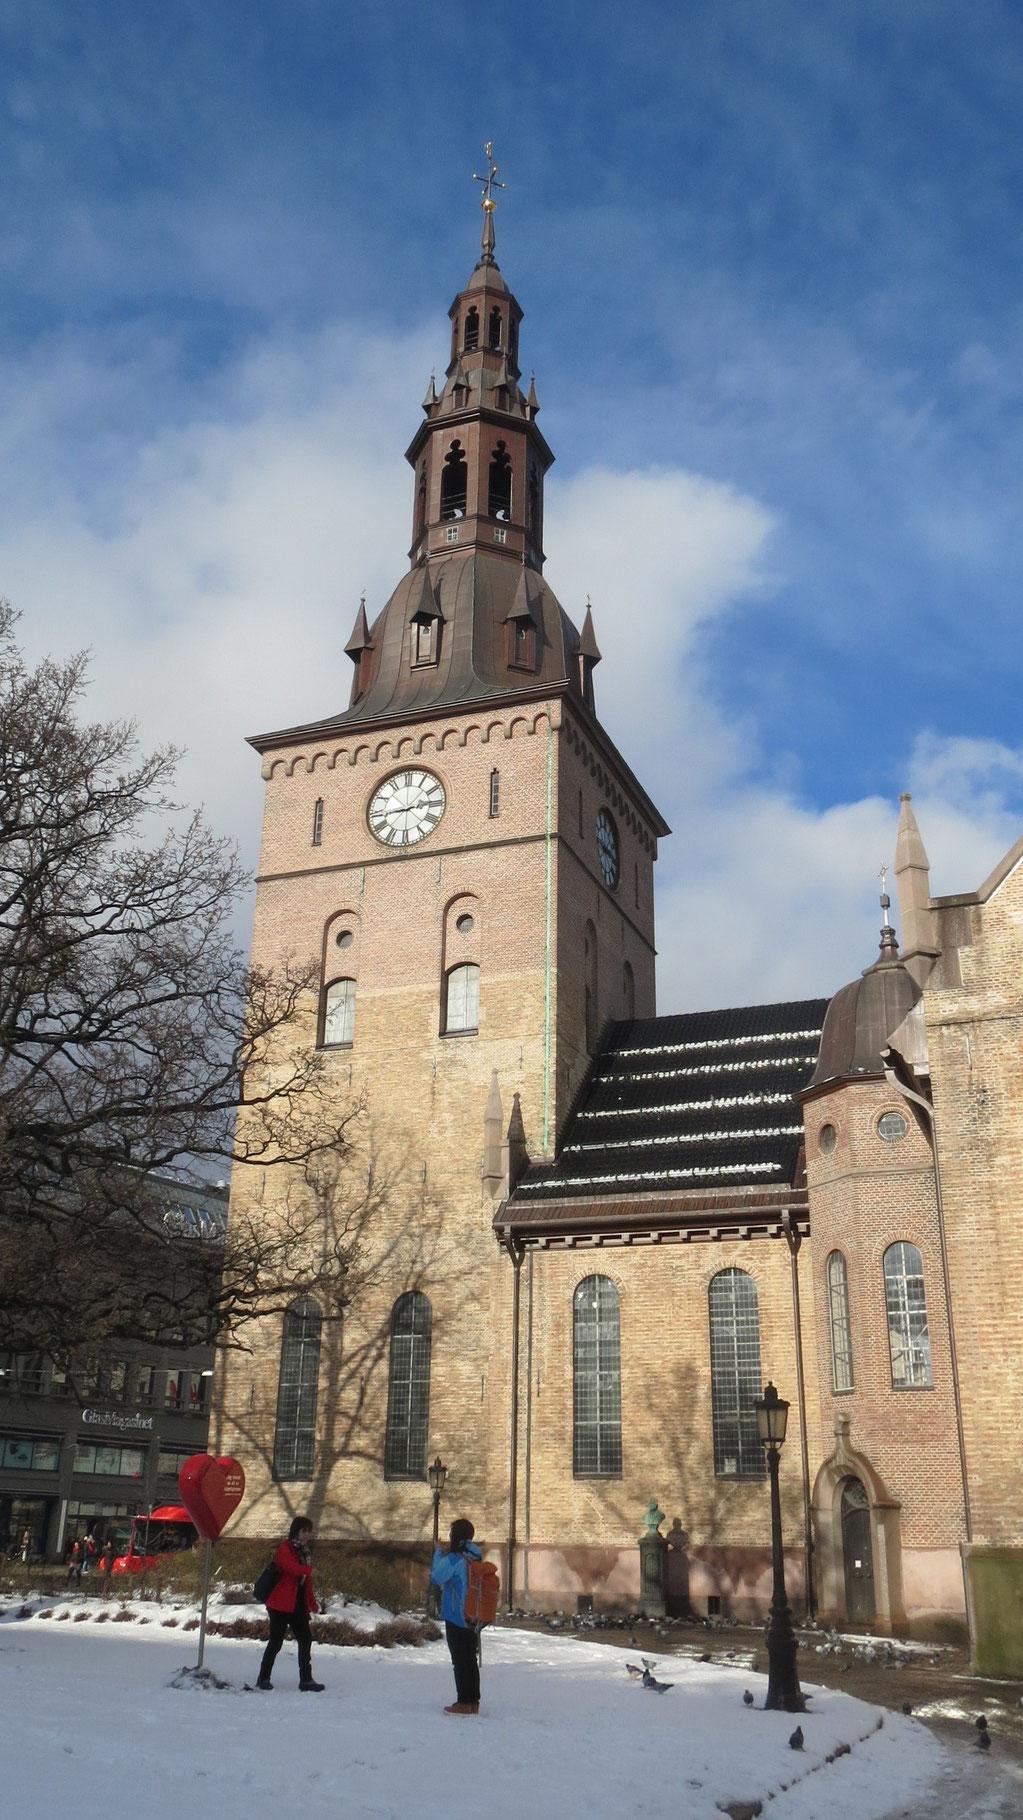 Oslo Domkirke von außen ...